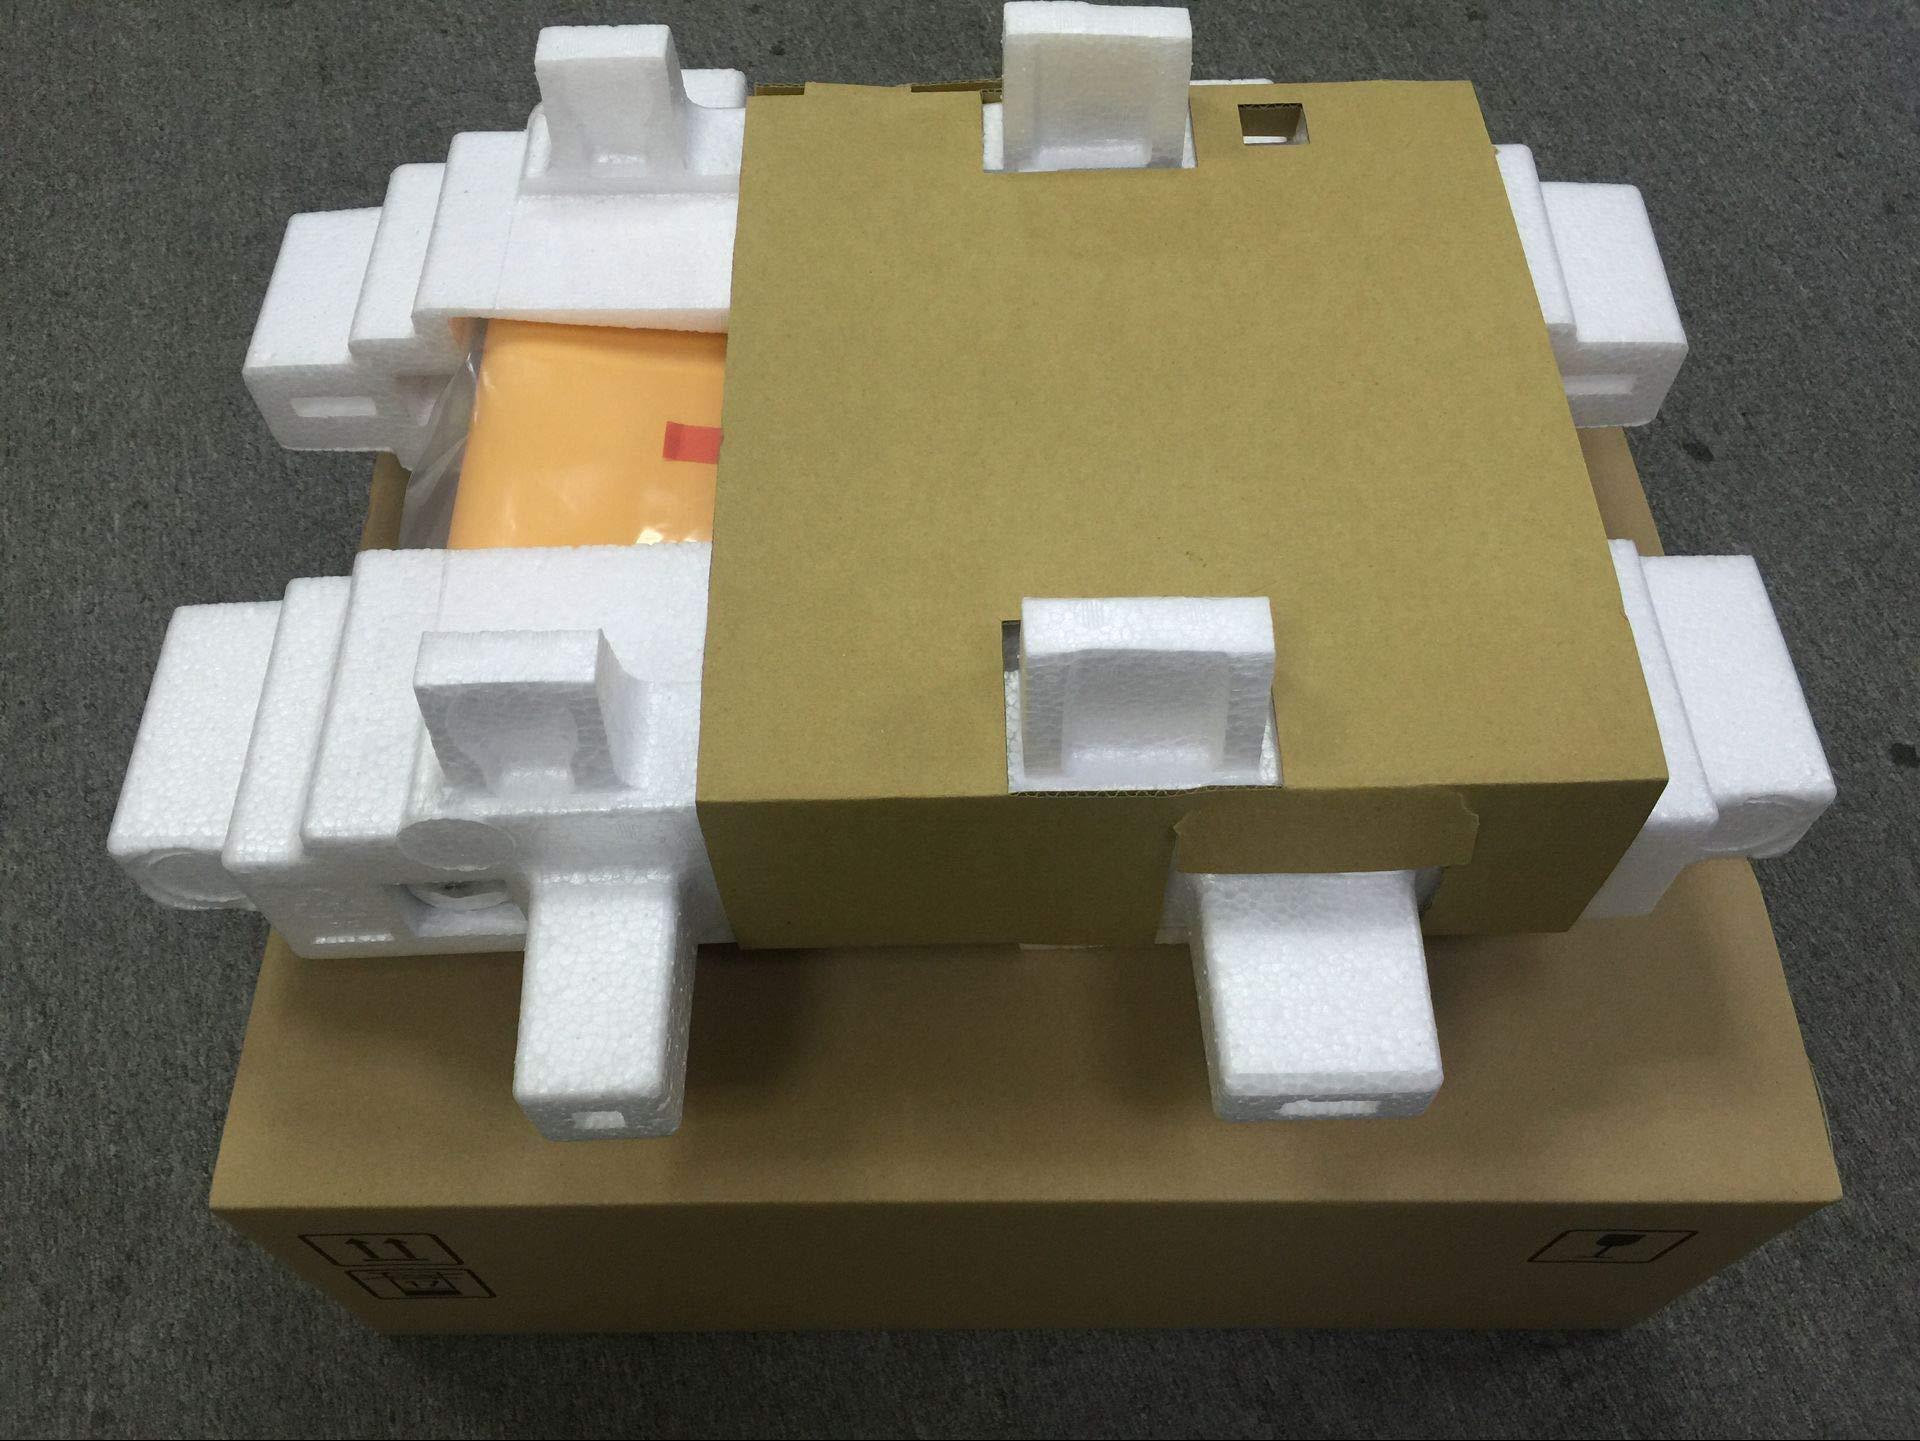 CC468-67907/ CC468-67927 for Laserjet CM3530/ CP3525 Transfer Belt ITB Kit, Transfer Belt, Transfer Assy.